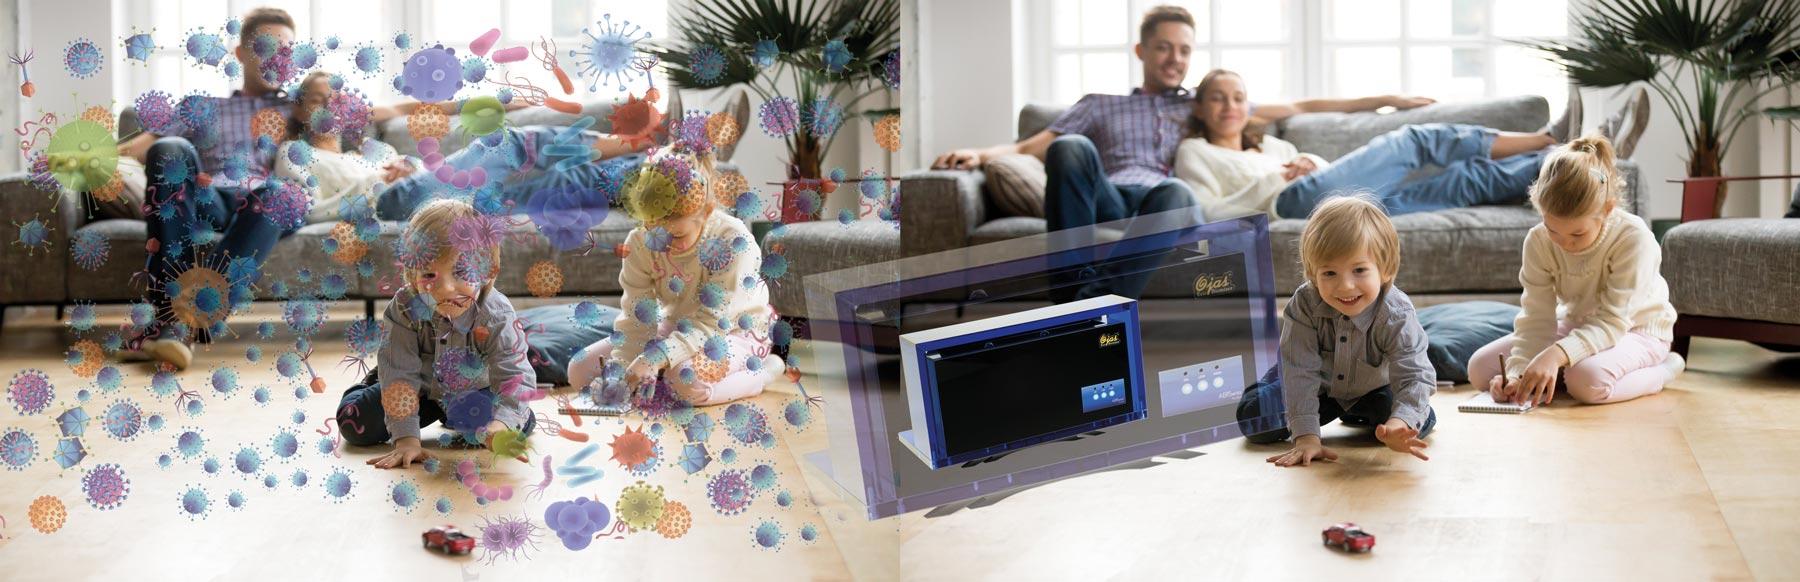 hier sieht man Wohnzimmer mit und ohne Viren